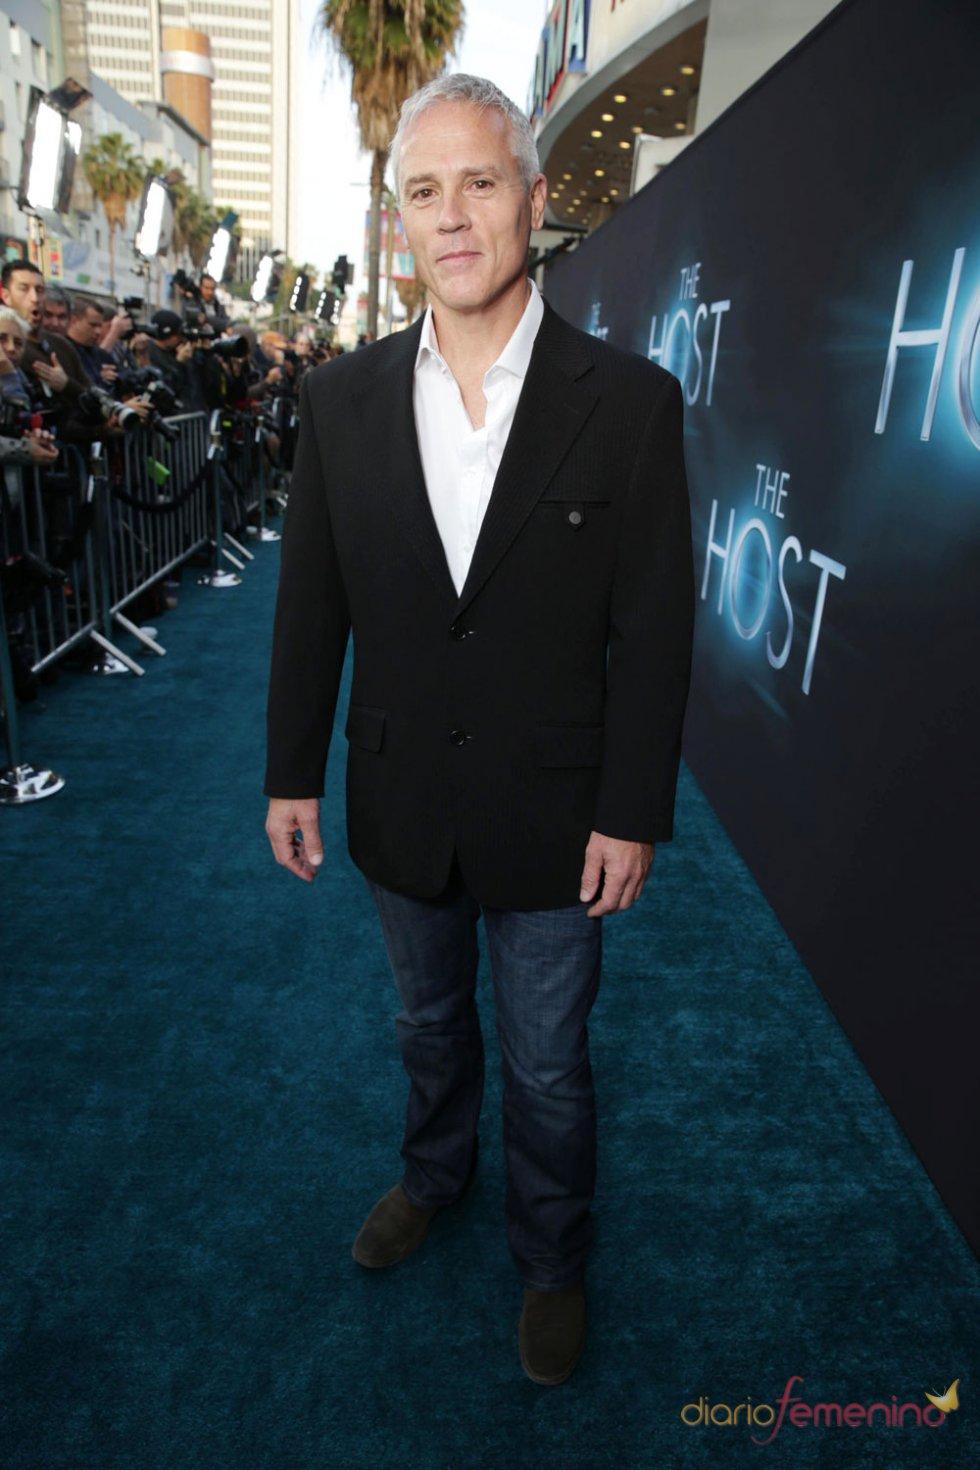 Phil Austin en el estreno de 'The Host' en Los Ángeles